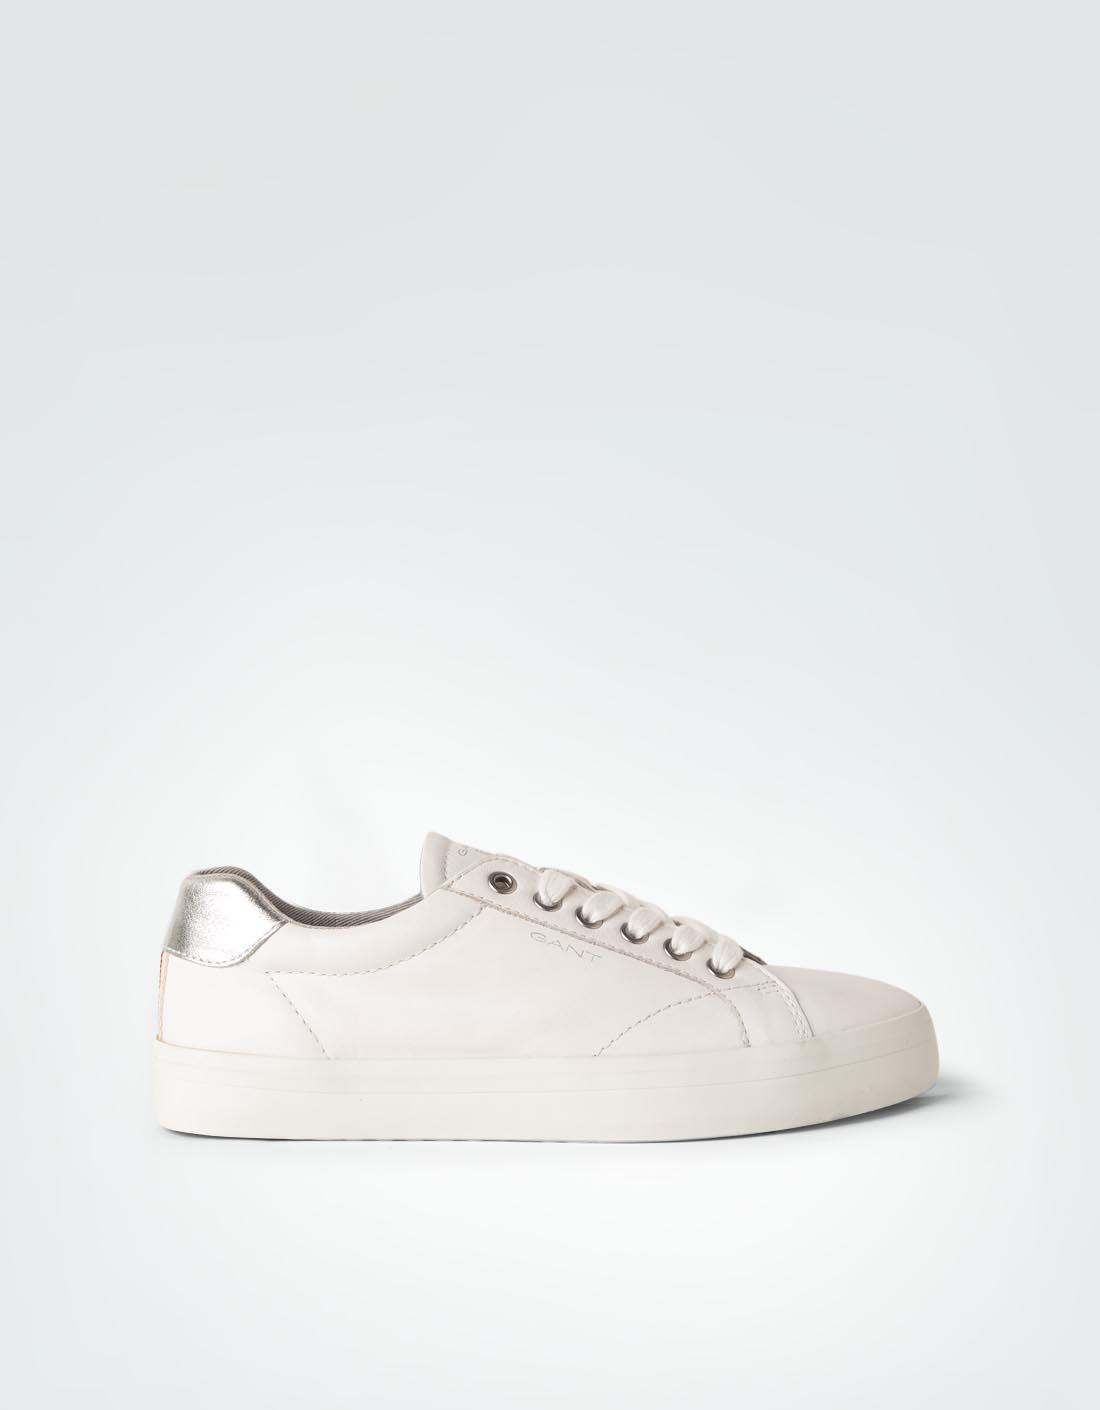 Kostenloser Versand Wirklich Online-Verkauf Gant Damen Schuhe Sneaker mit Metallic-Einsatz weiß Geschäft Limitierter Auflage Zum Verkauf Heißen Verkauf Online KC7SlqkC